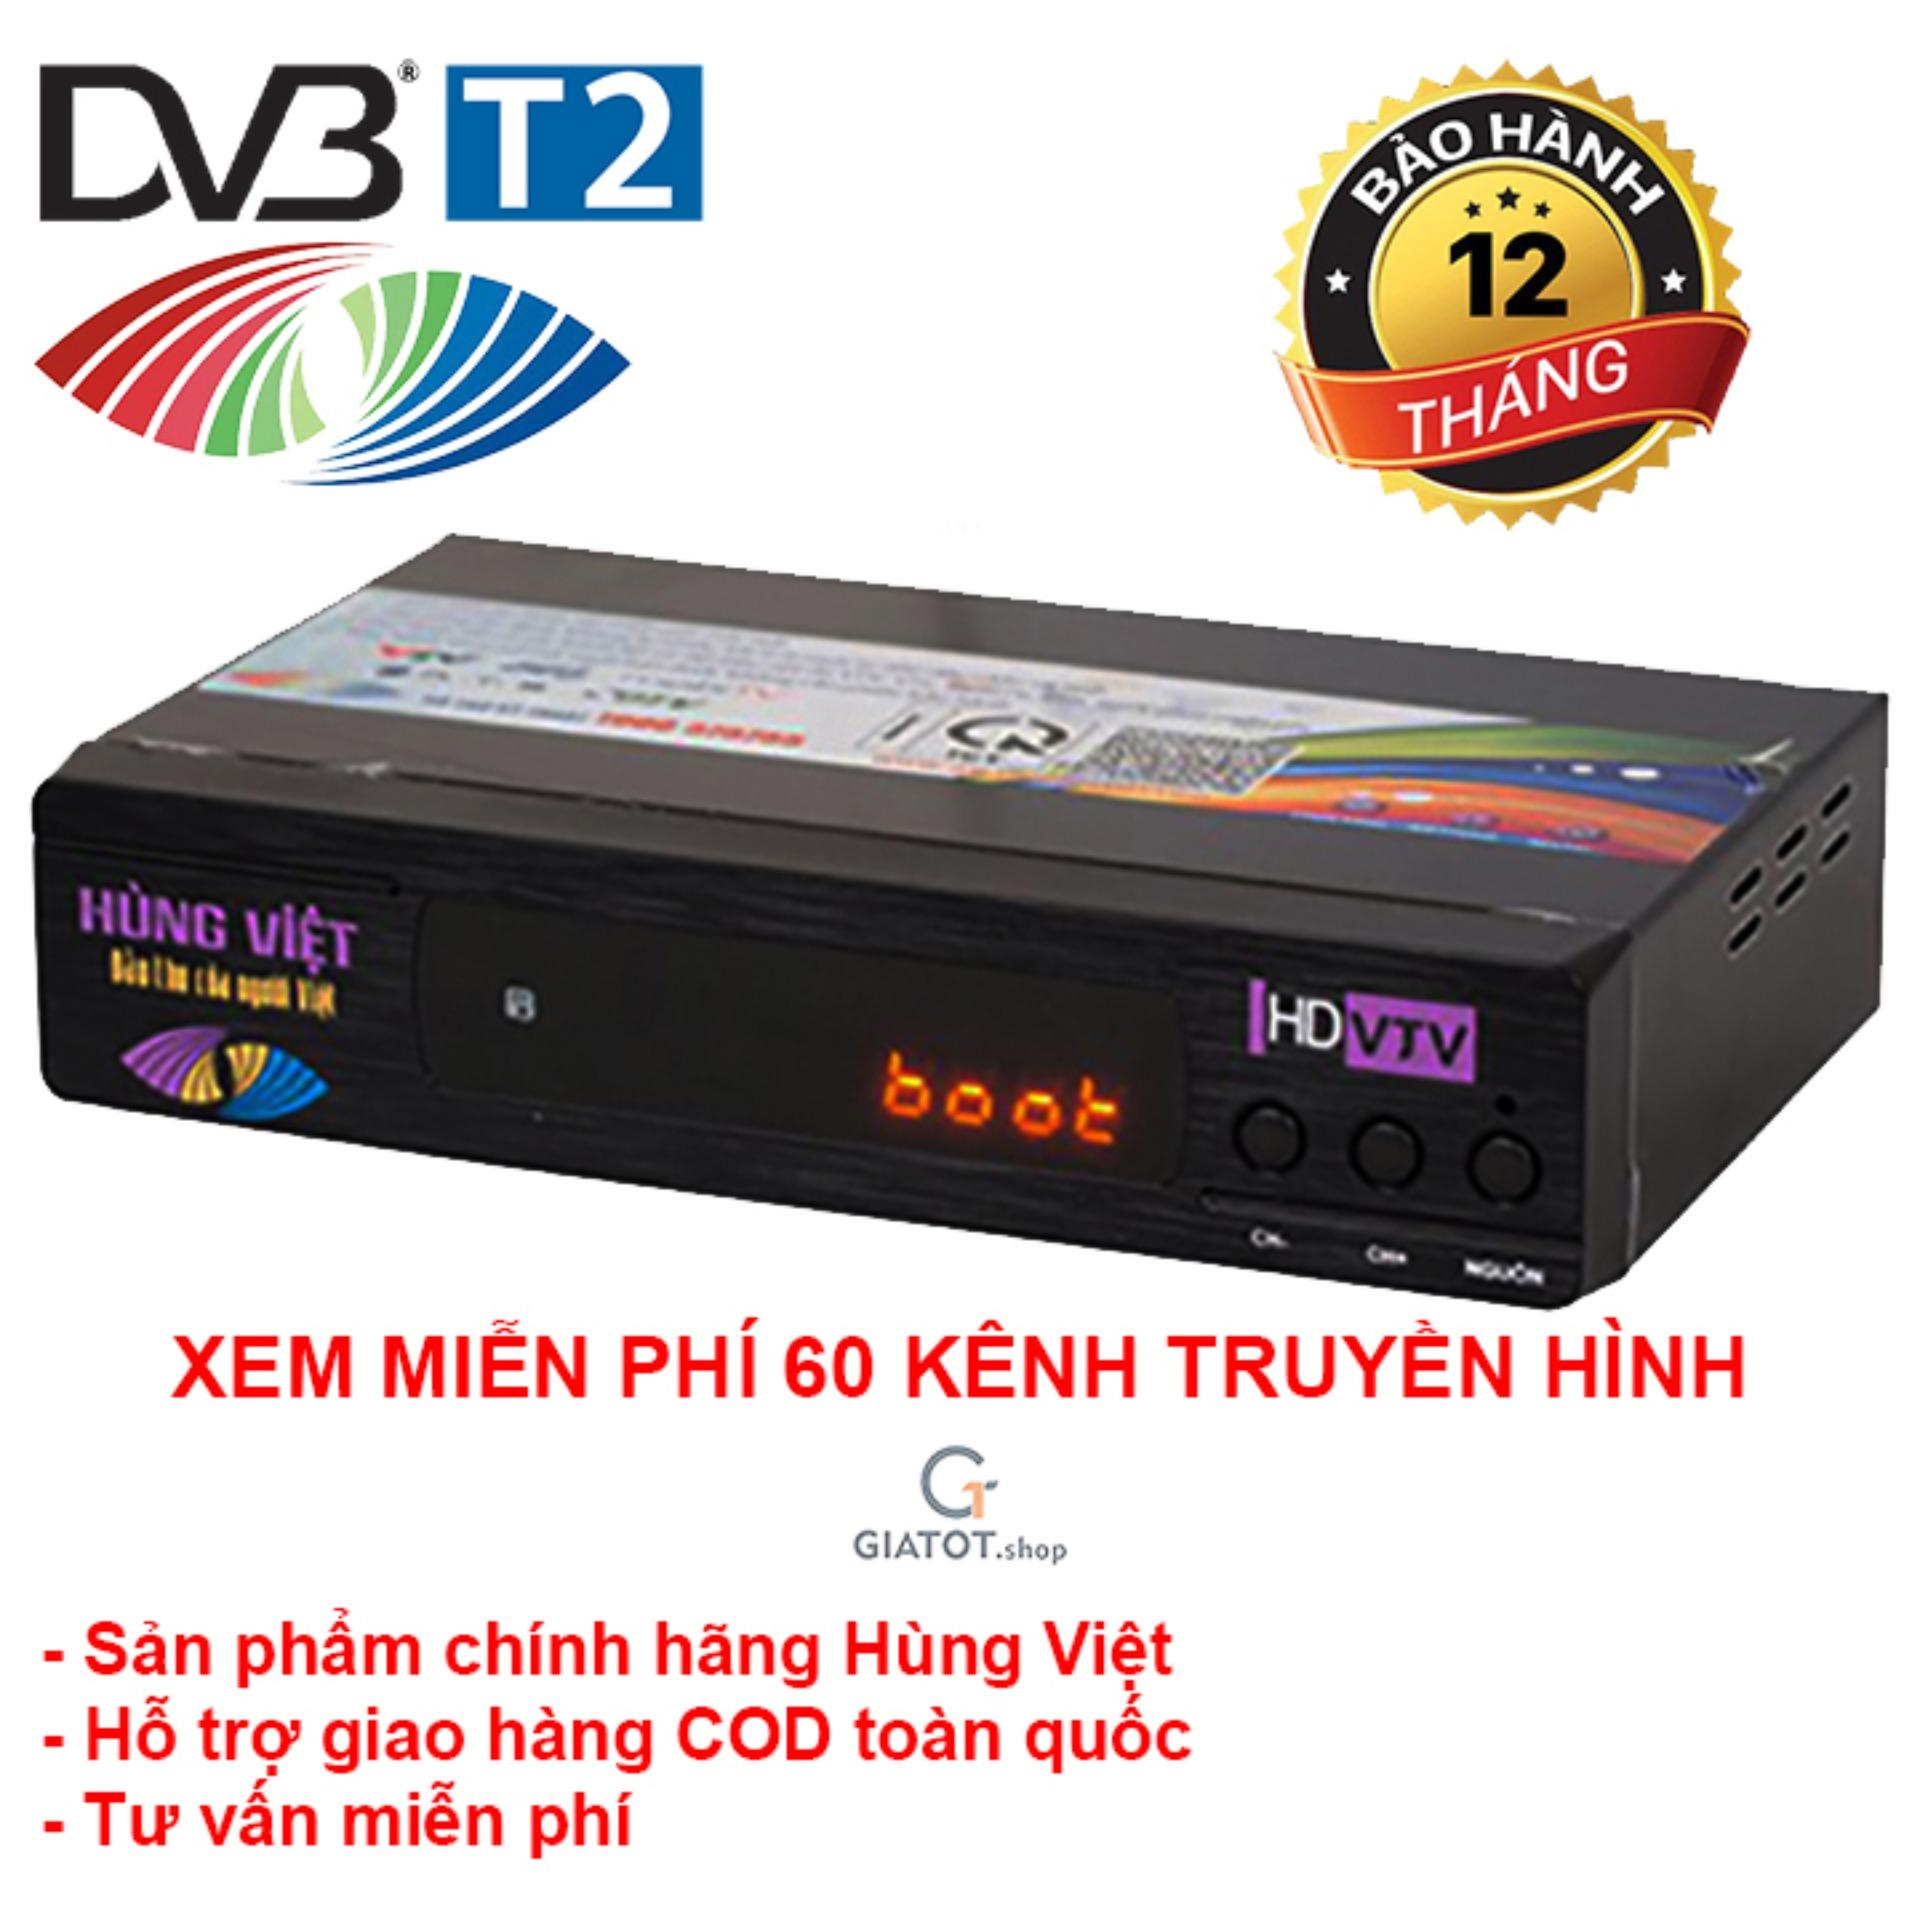 Cửa Hàng Đầu Thu Kỹ Thuật Số Dvb T2 Hung Việt Ts 123 Rẻ Nhất